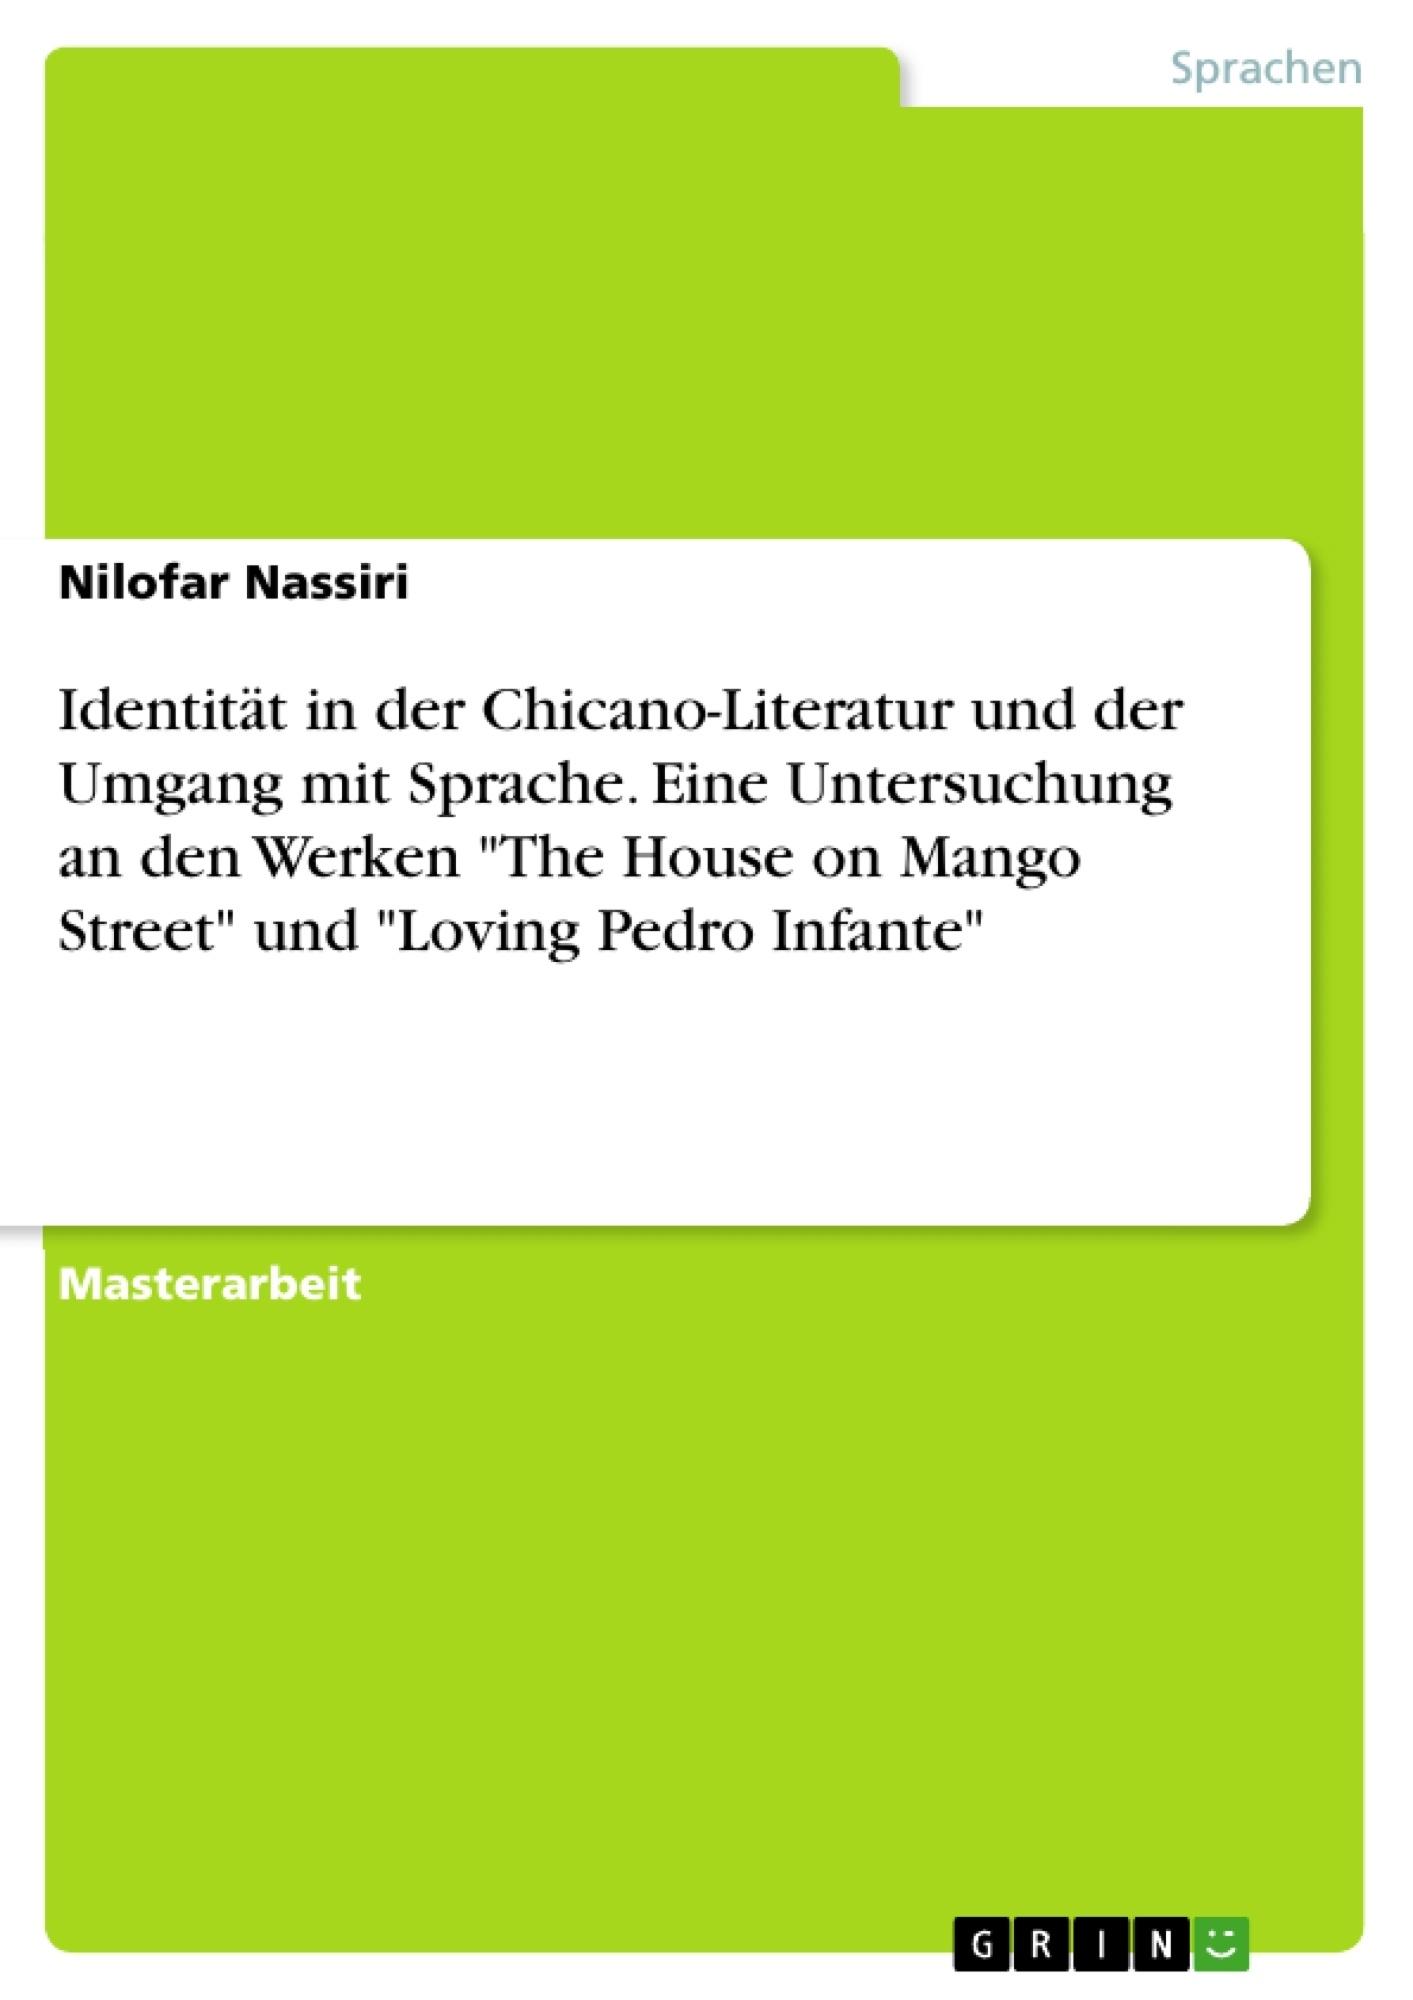 """Titel: Identität in der Chicano-Literatur und der Umgang mit Sprache. Eine Untersuchung an den Werken """"The House on Mango Street"""" und """"Loving Pedro Infante"""""""